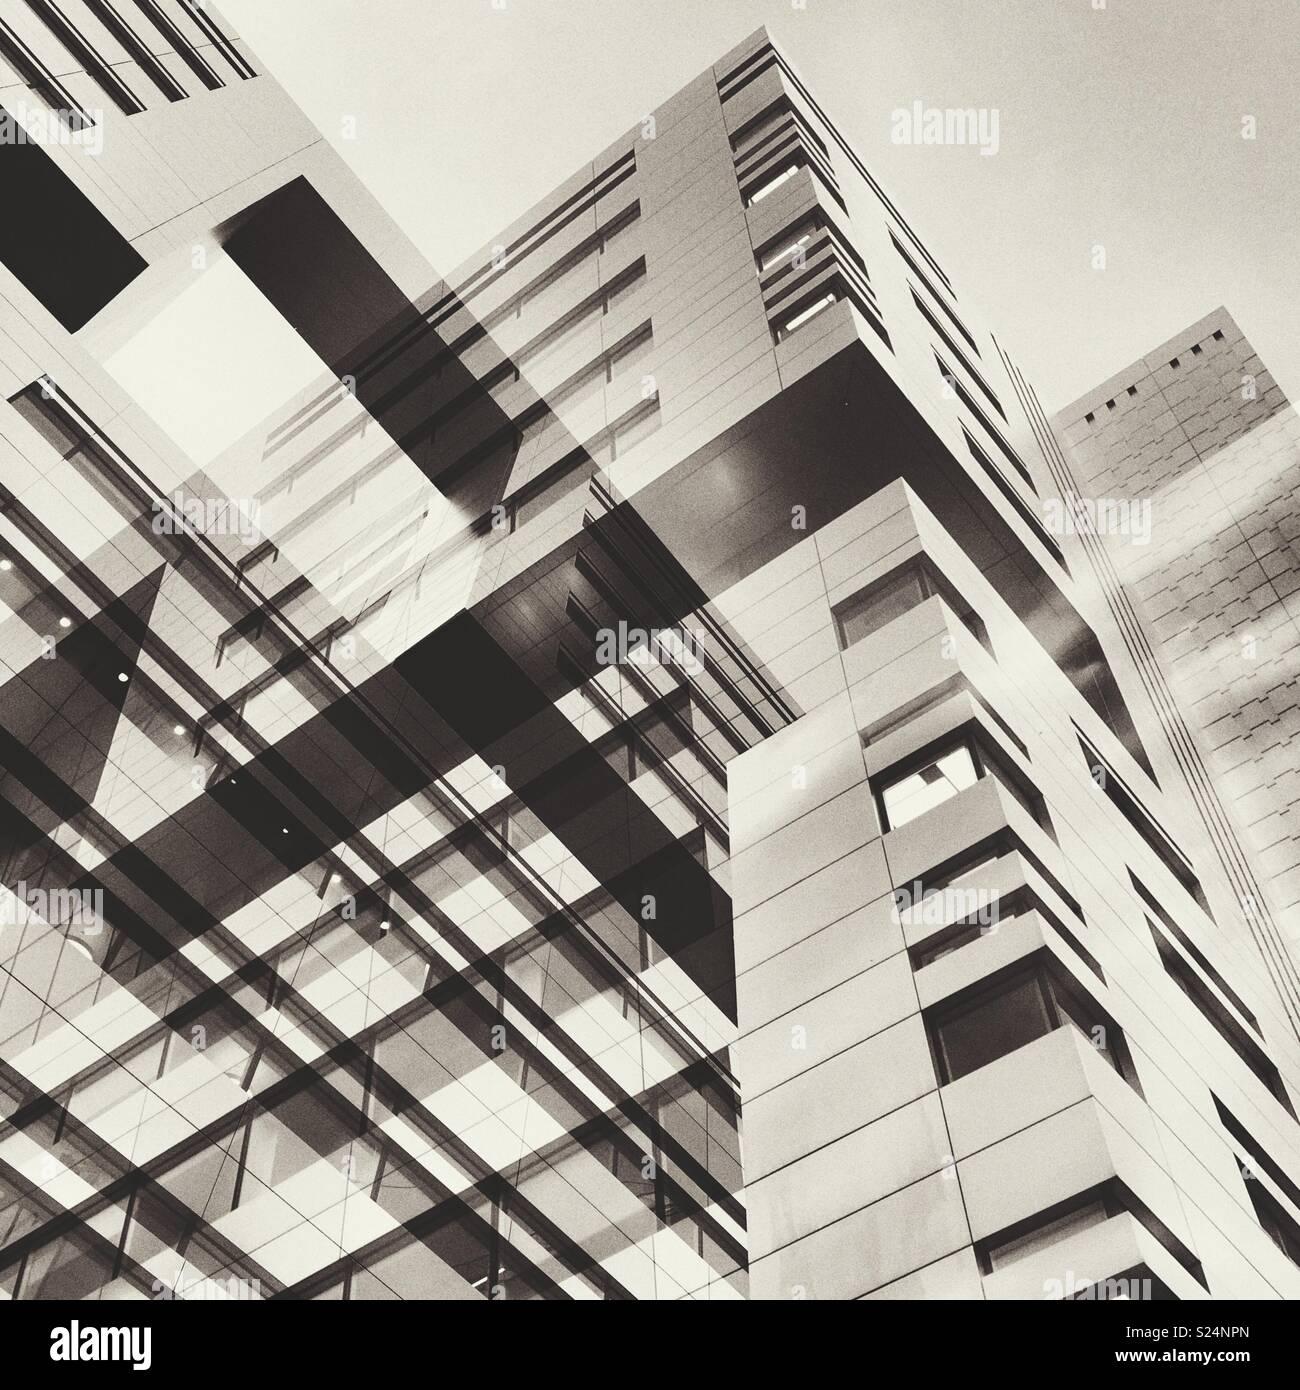 Resumo dos edifícios da cidade Imagens de Stock